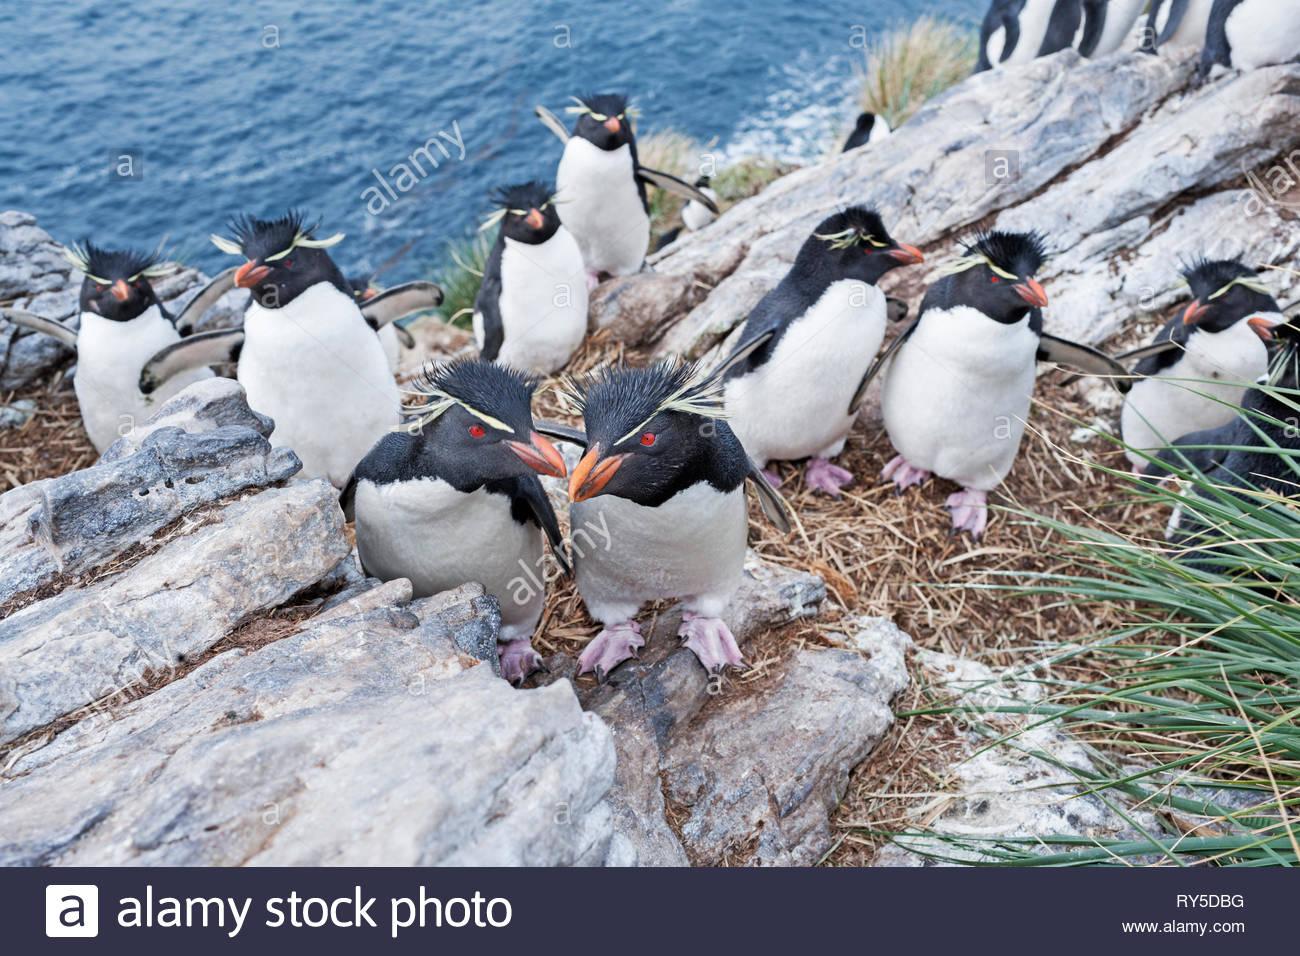 Un groupe de gorfous sauteurs (Eudyptes chrysocome chrysocome) sur le dessus d'un petit îlot, East Falkland, Îles Falkland Photo Stock